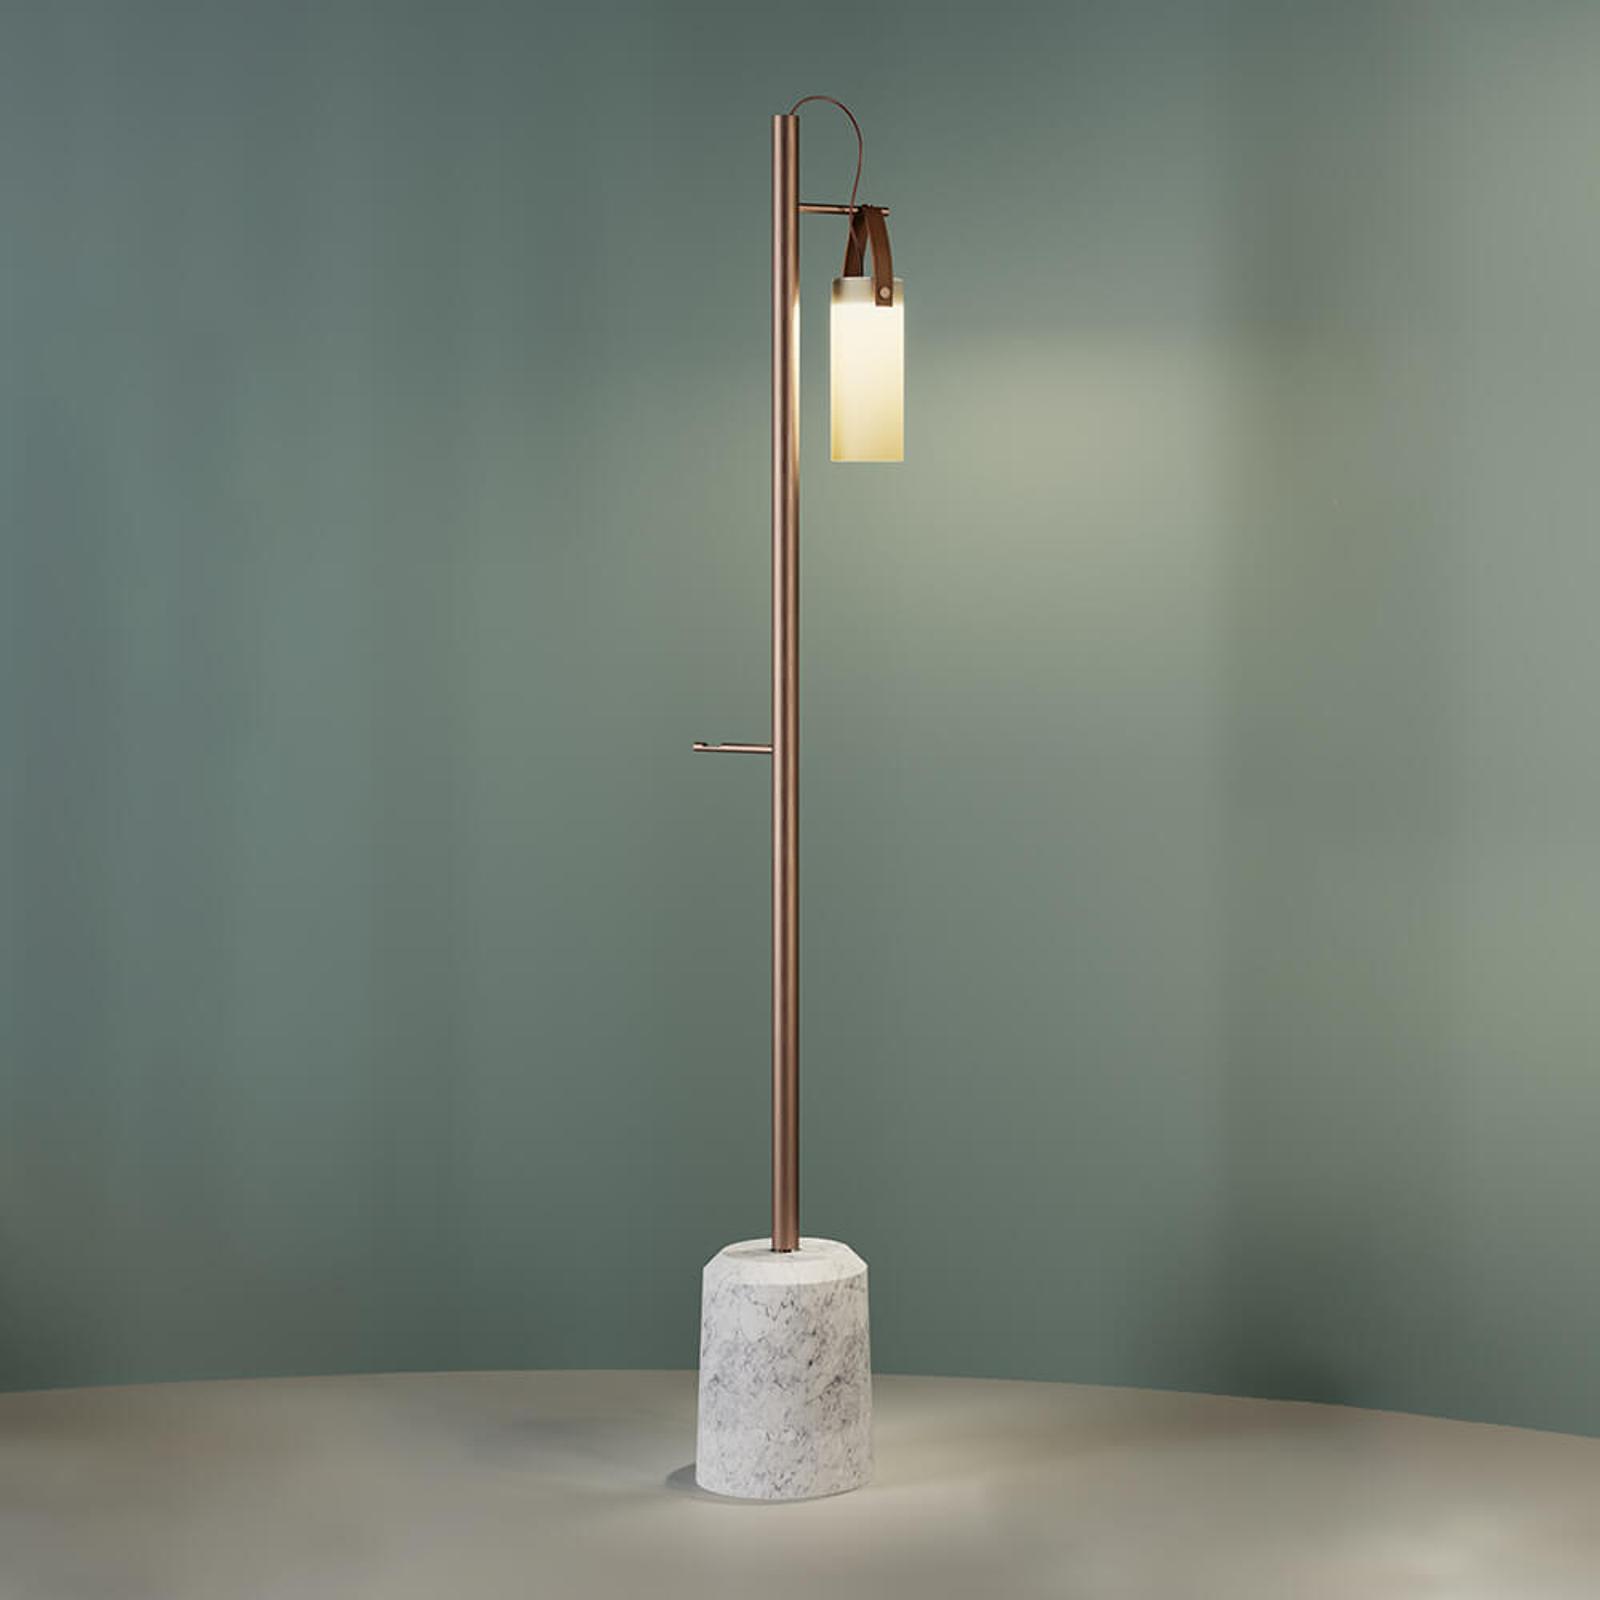 LED design vloerlamp Galerie, met 1 lamp